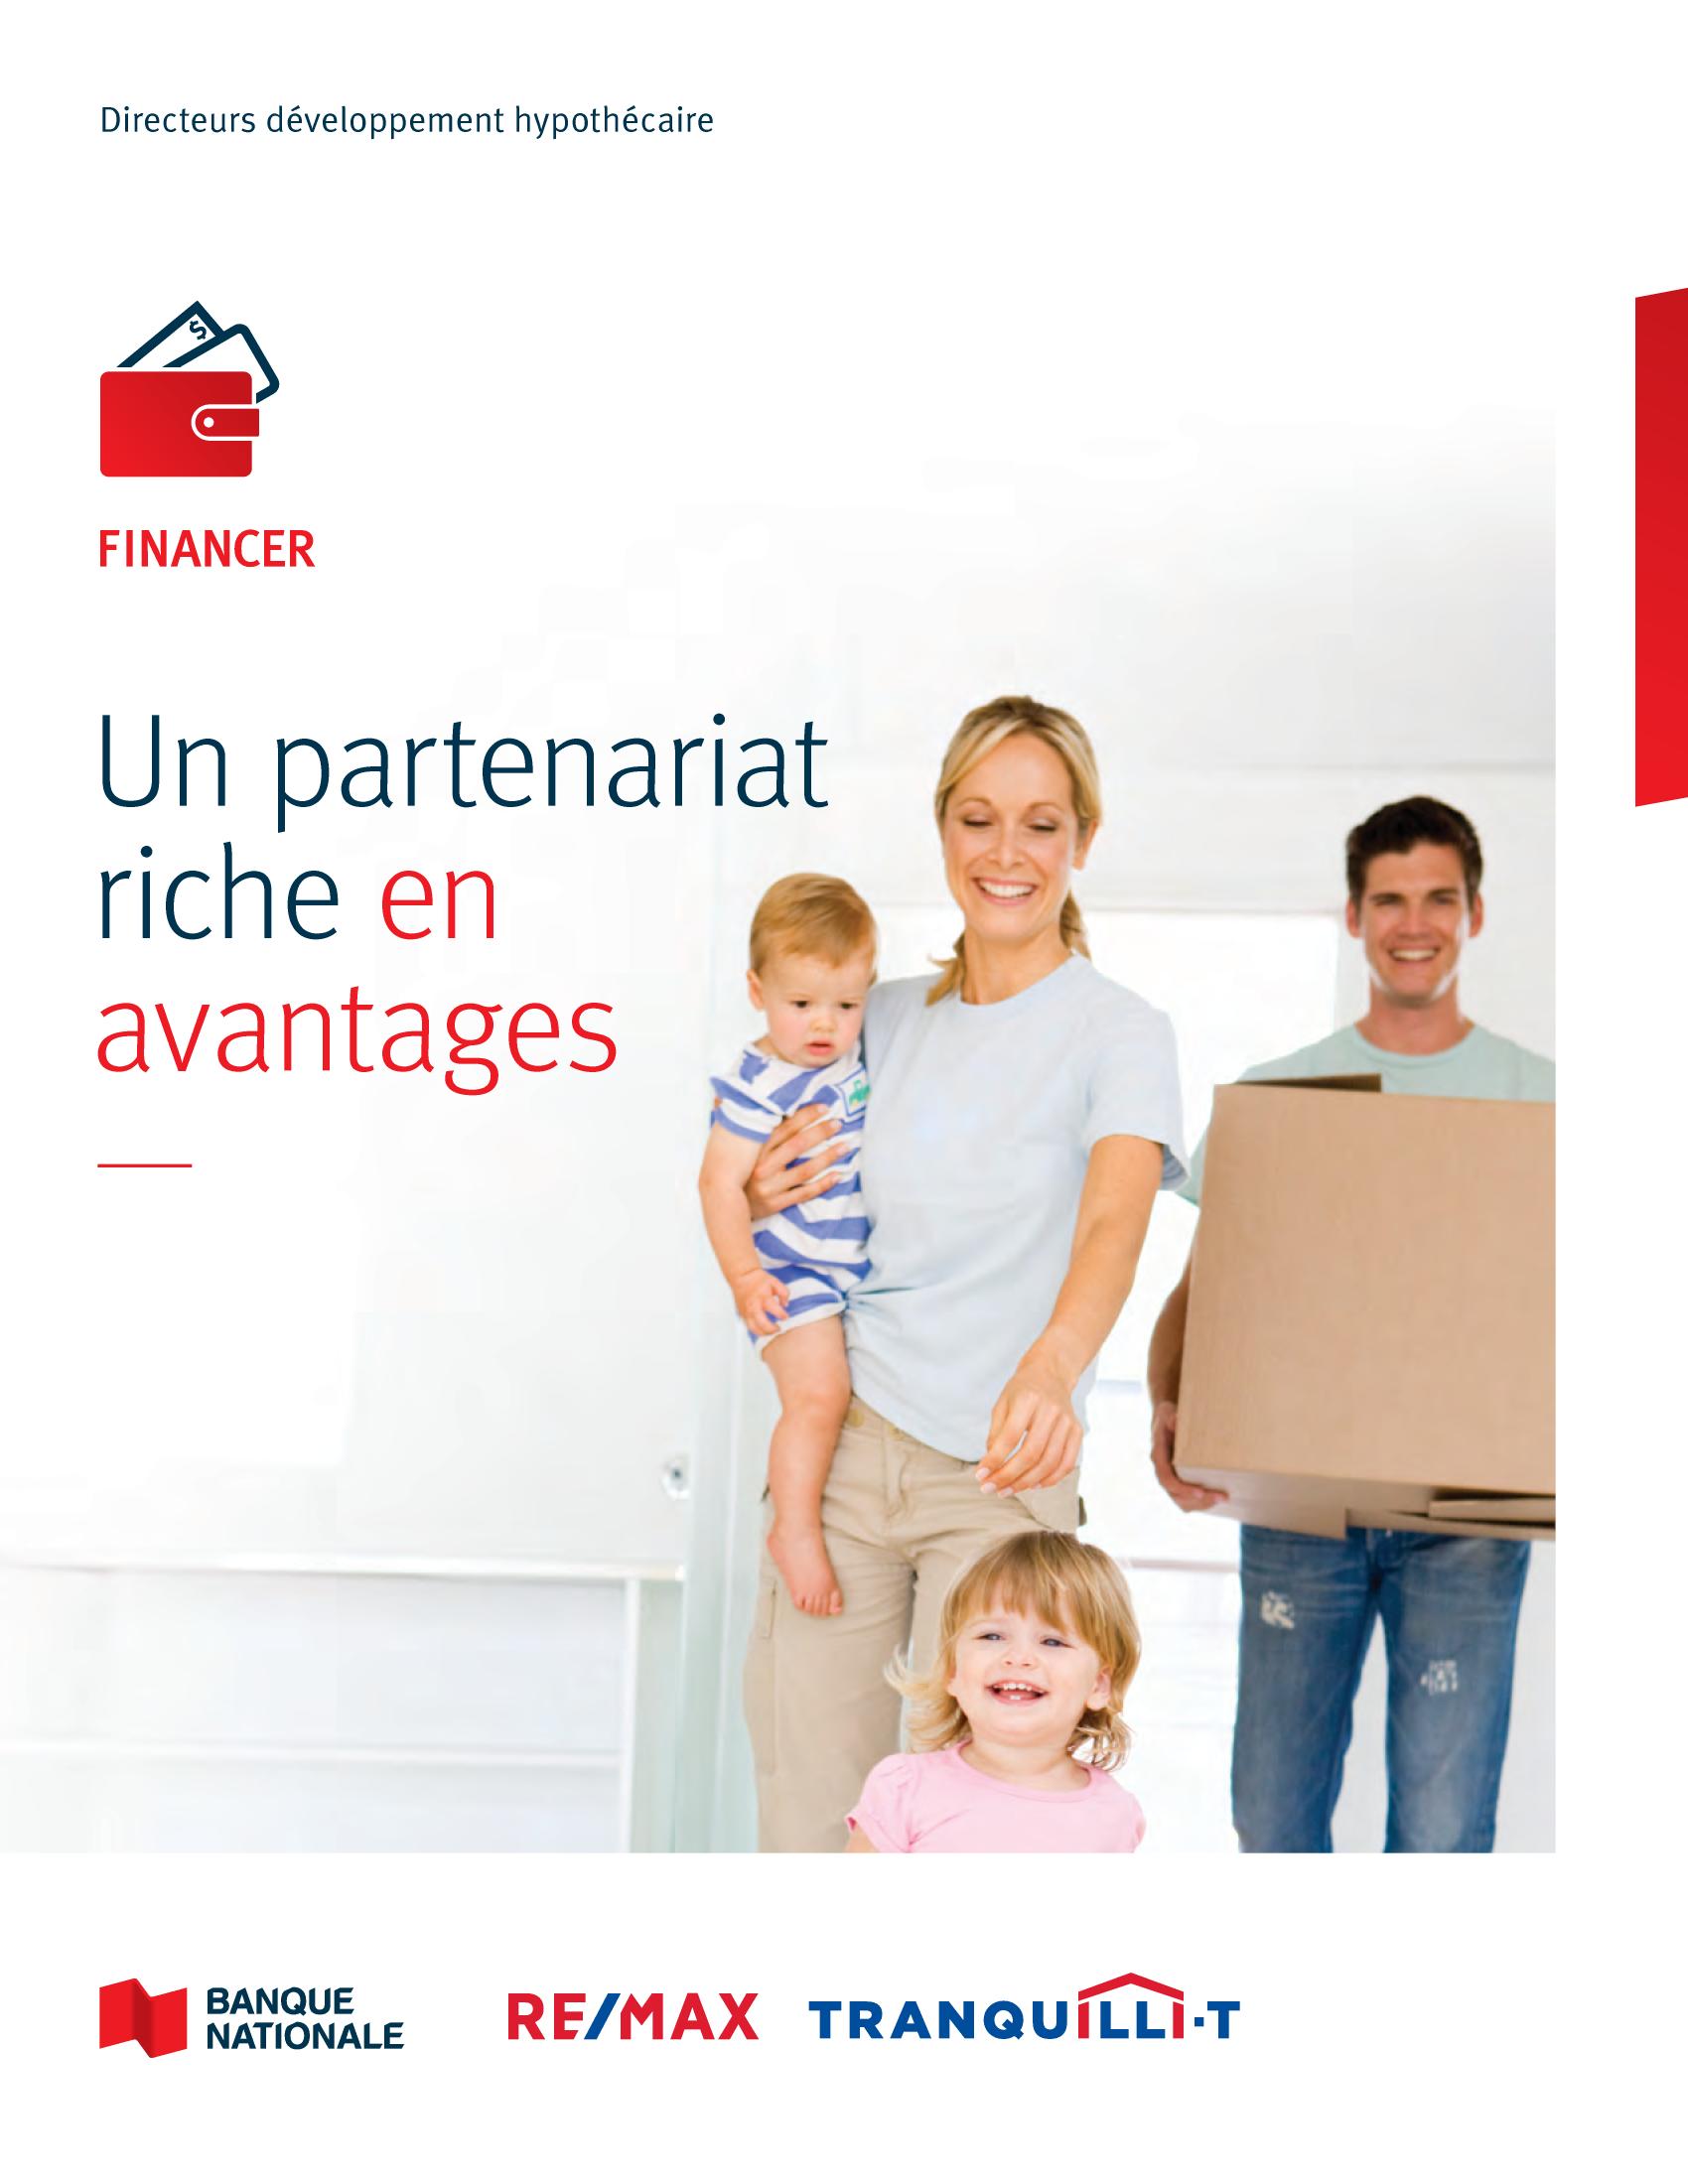 1 | Dépliant « Un partenariat riche en avantages » - RE/MAX Tranquili-t